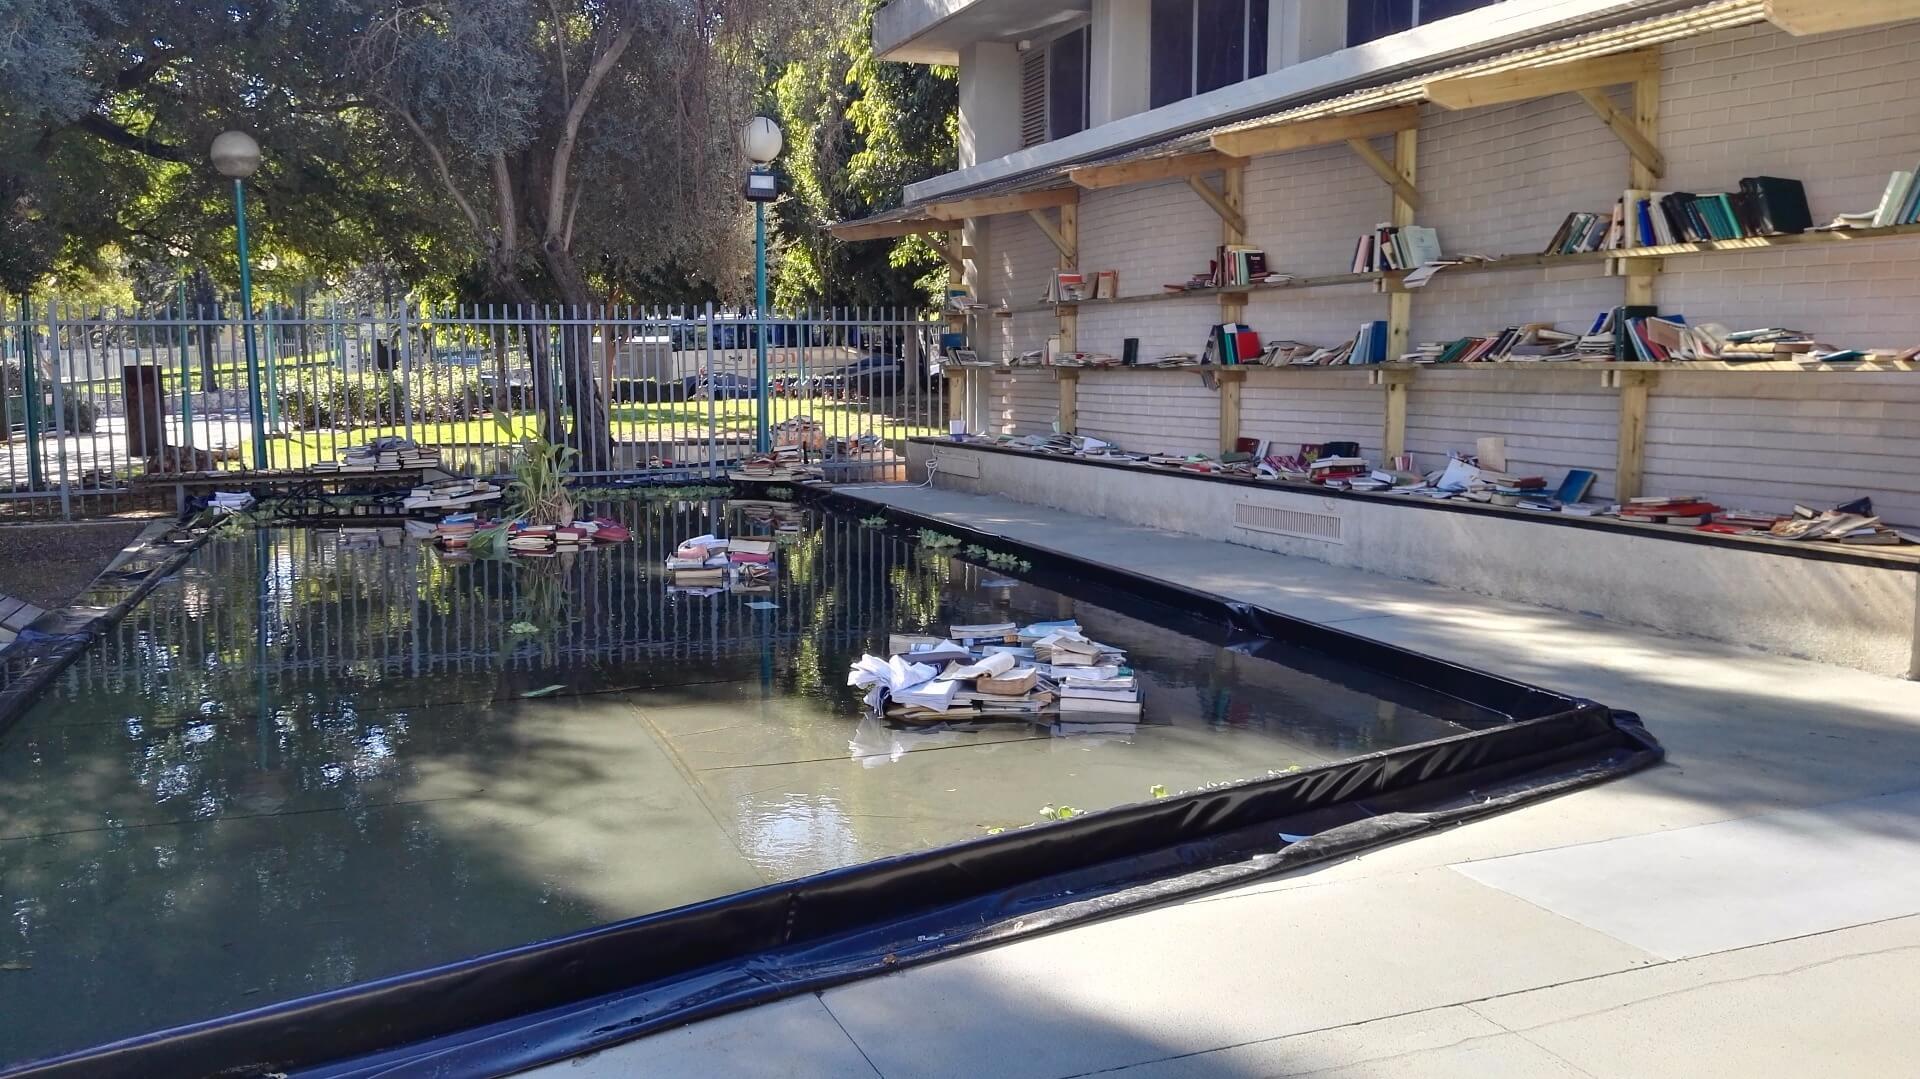 ״ספרים בנהר עמוק, אלוהים״, אביטל גבע, להמלצה על תערוכה דנה